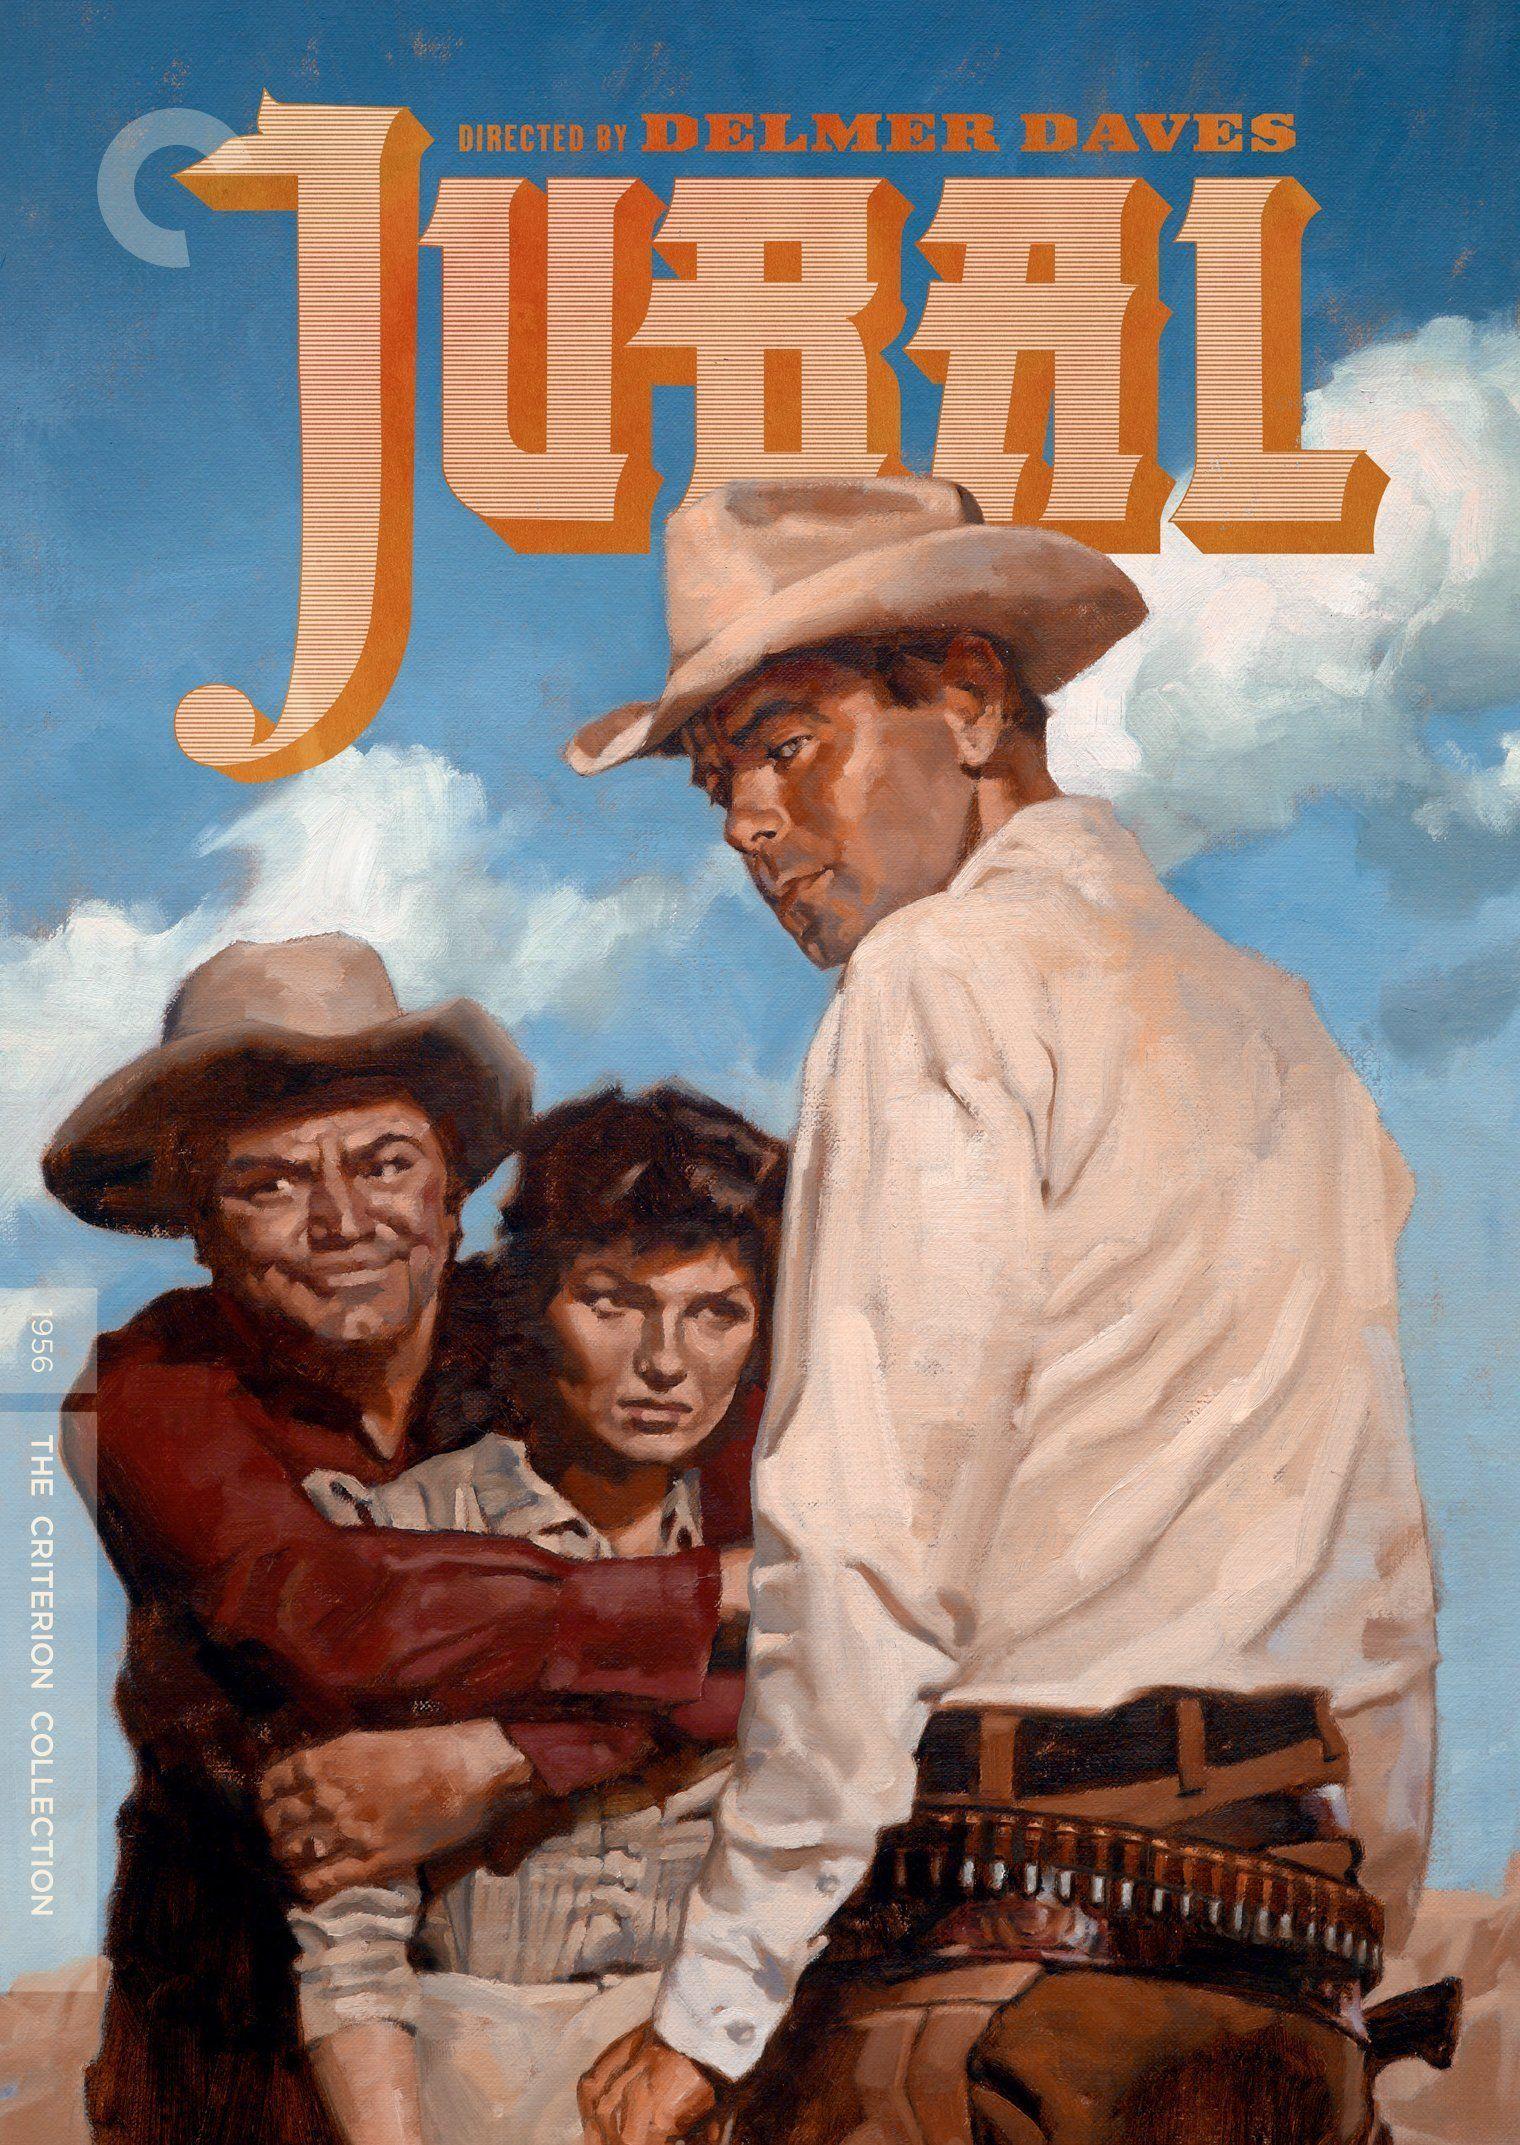 Film Western Complet En Francais Gratuit Charles Bronson : western, complet, francais, gratuit, charles, bronson, Jubal, (1956), Films, Complets,, Charles, Bronson,, Westerns